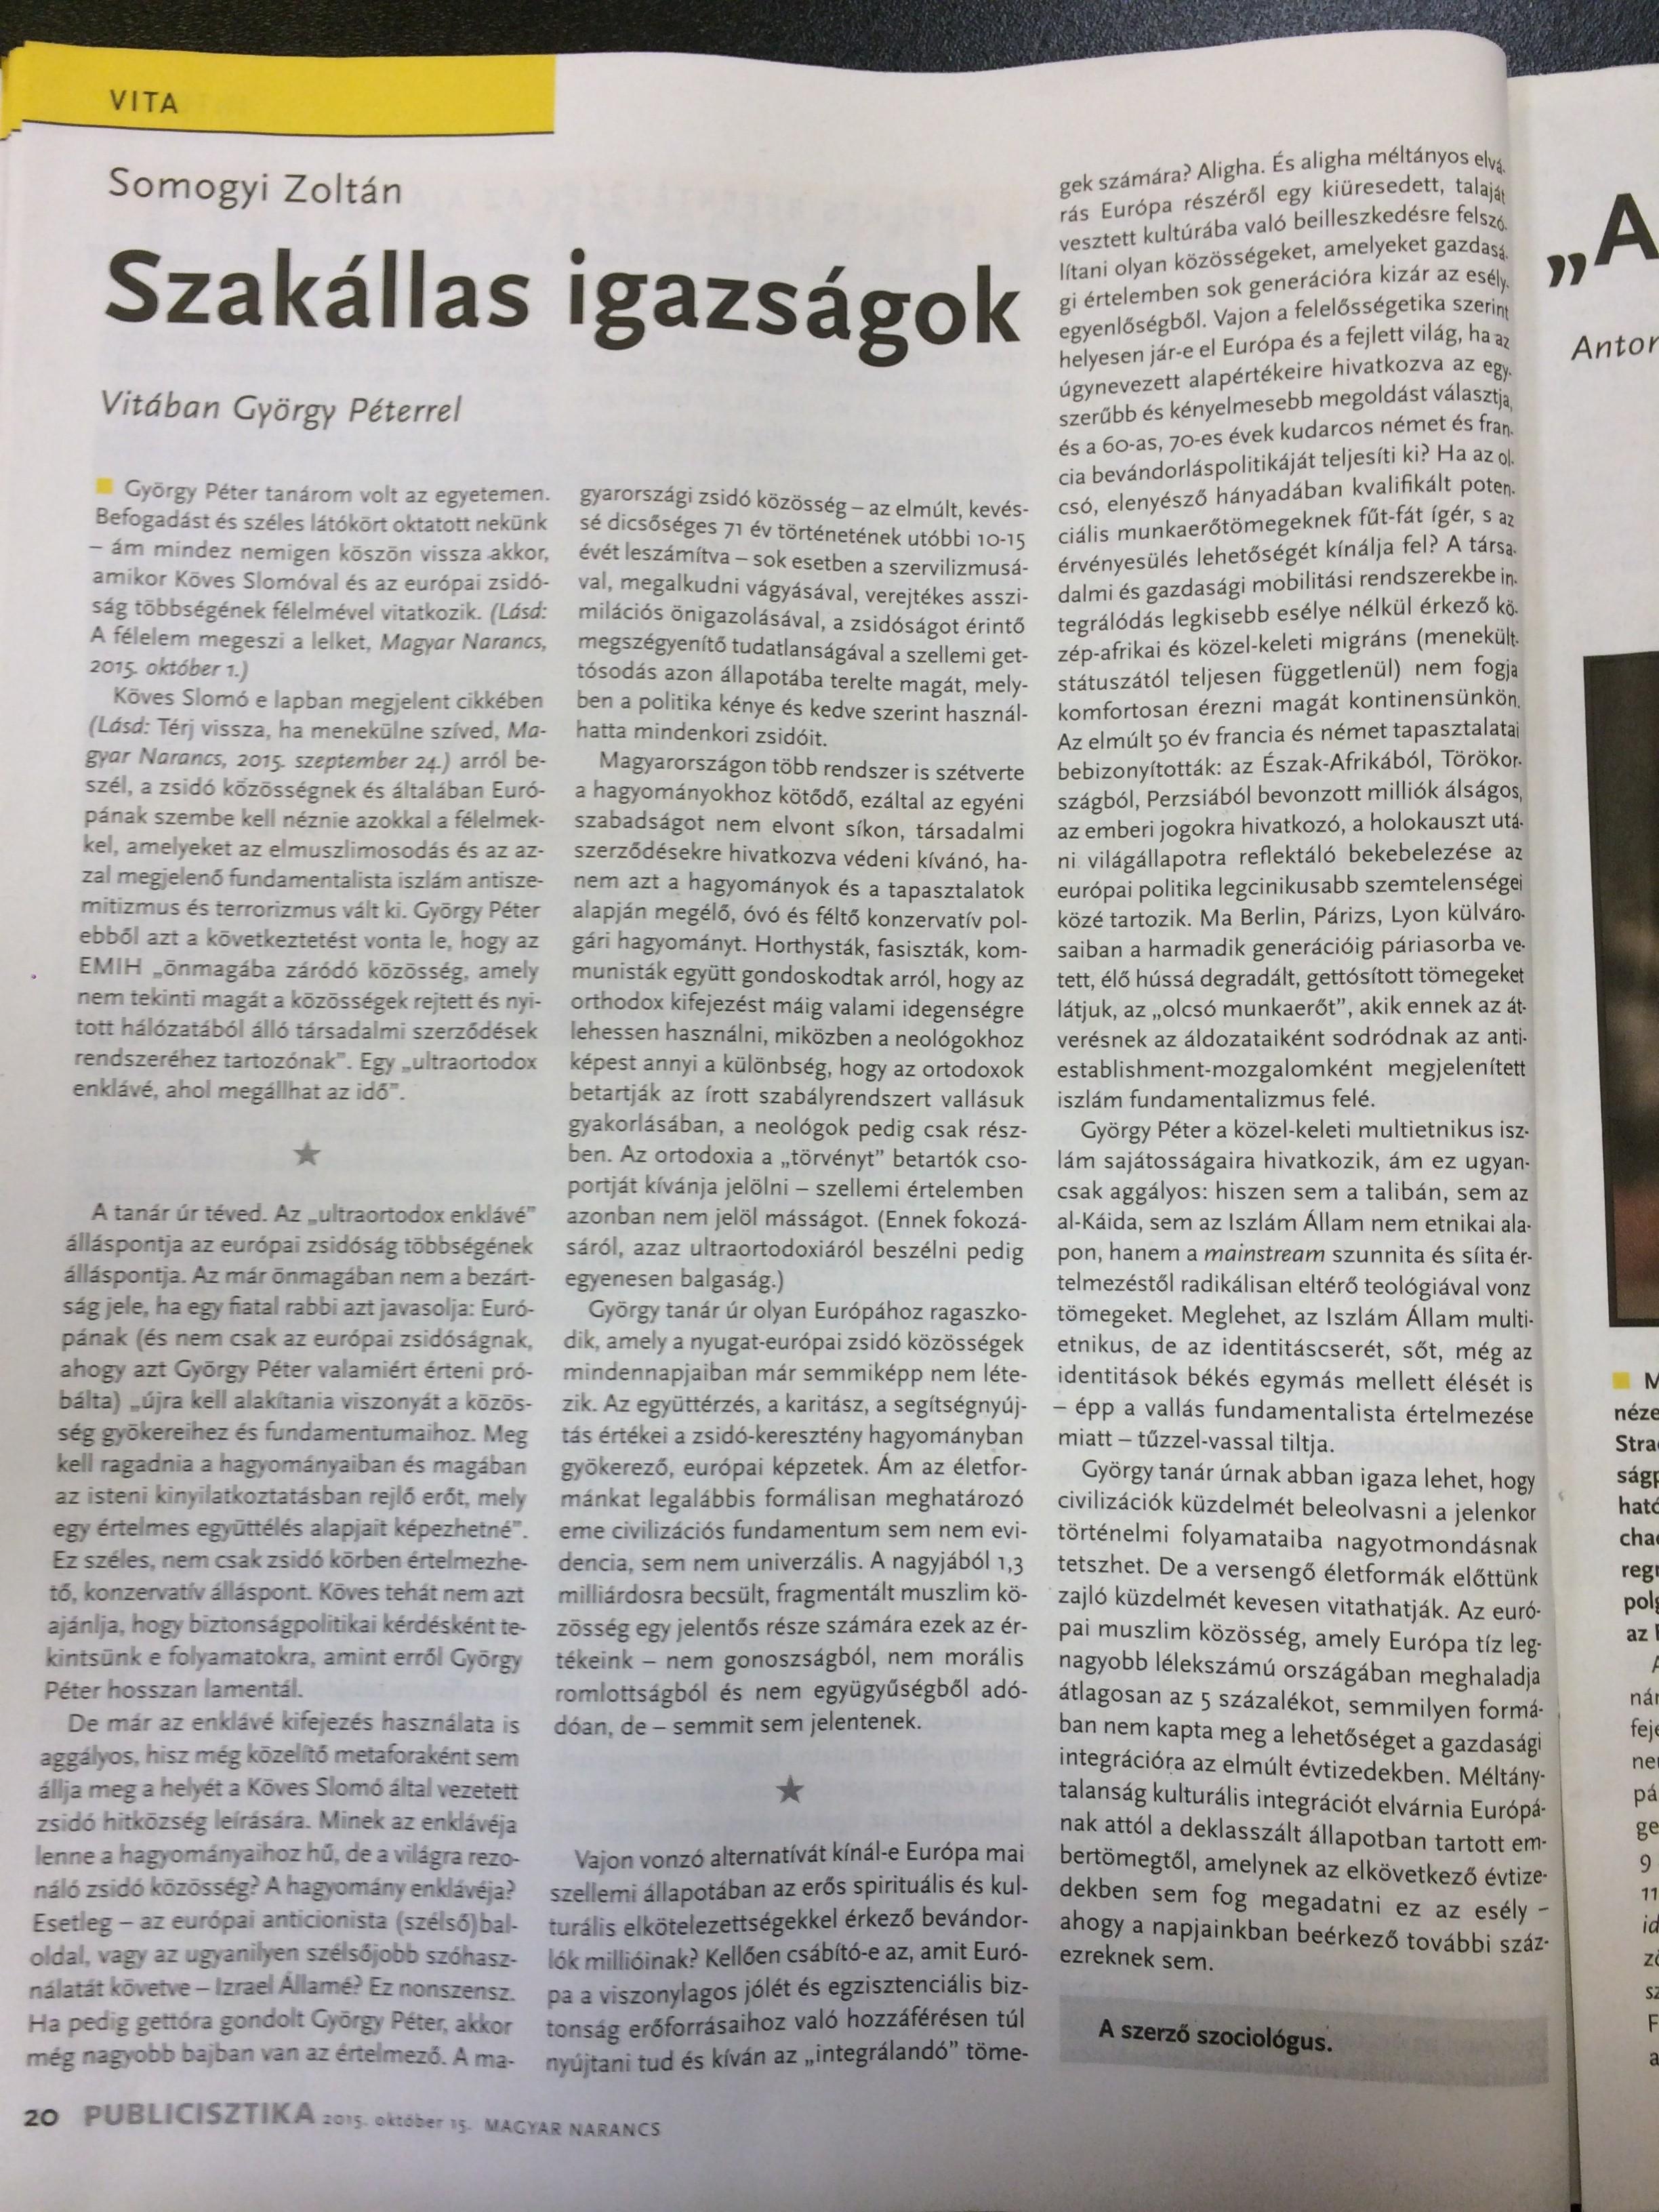 Folytatódik a vita a Magyar Narancsban